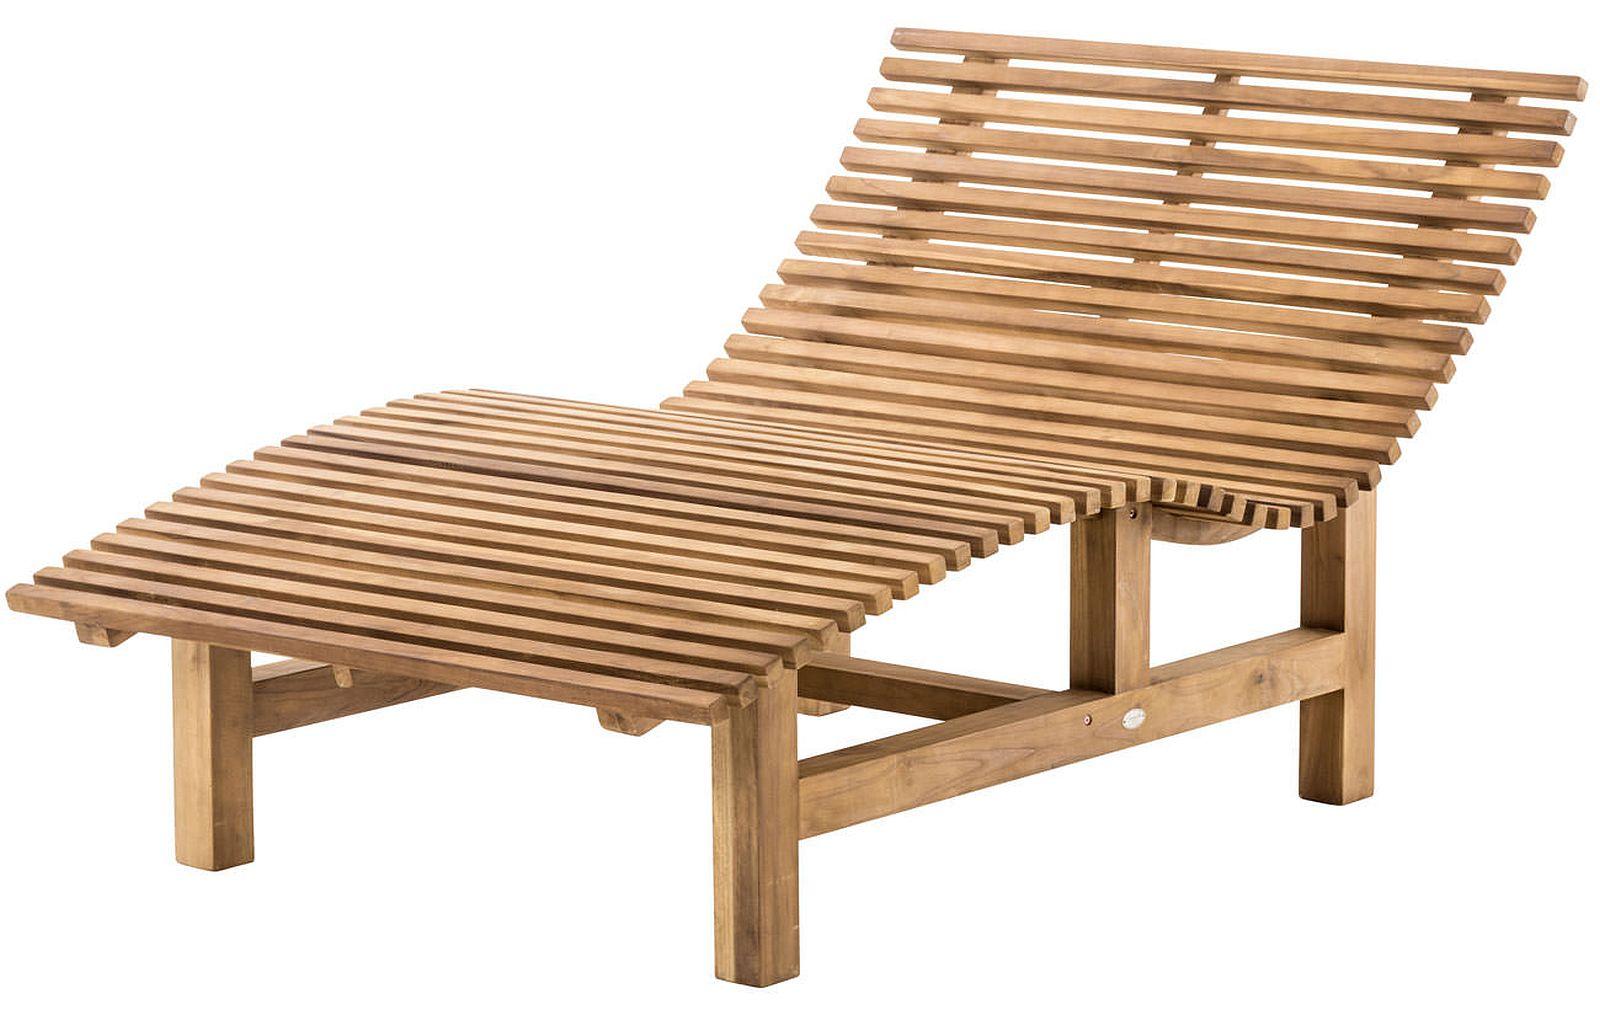 Full Size of Sonnenliege Ikea Betten 160x200 Bei Küche Kosten Sofa Mit Schlaffunktion Kaufen Modulküche Miniküche Wohnzimmer Sonnenliege Ikea